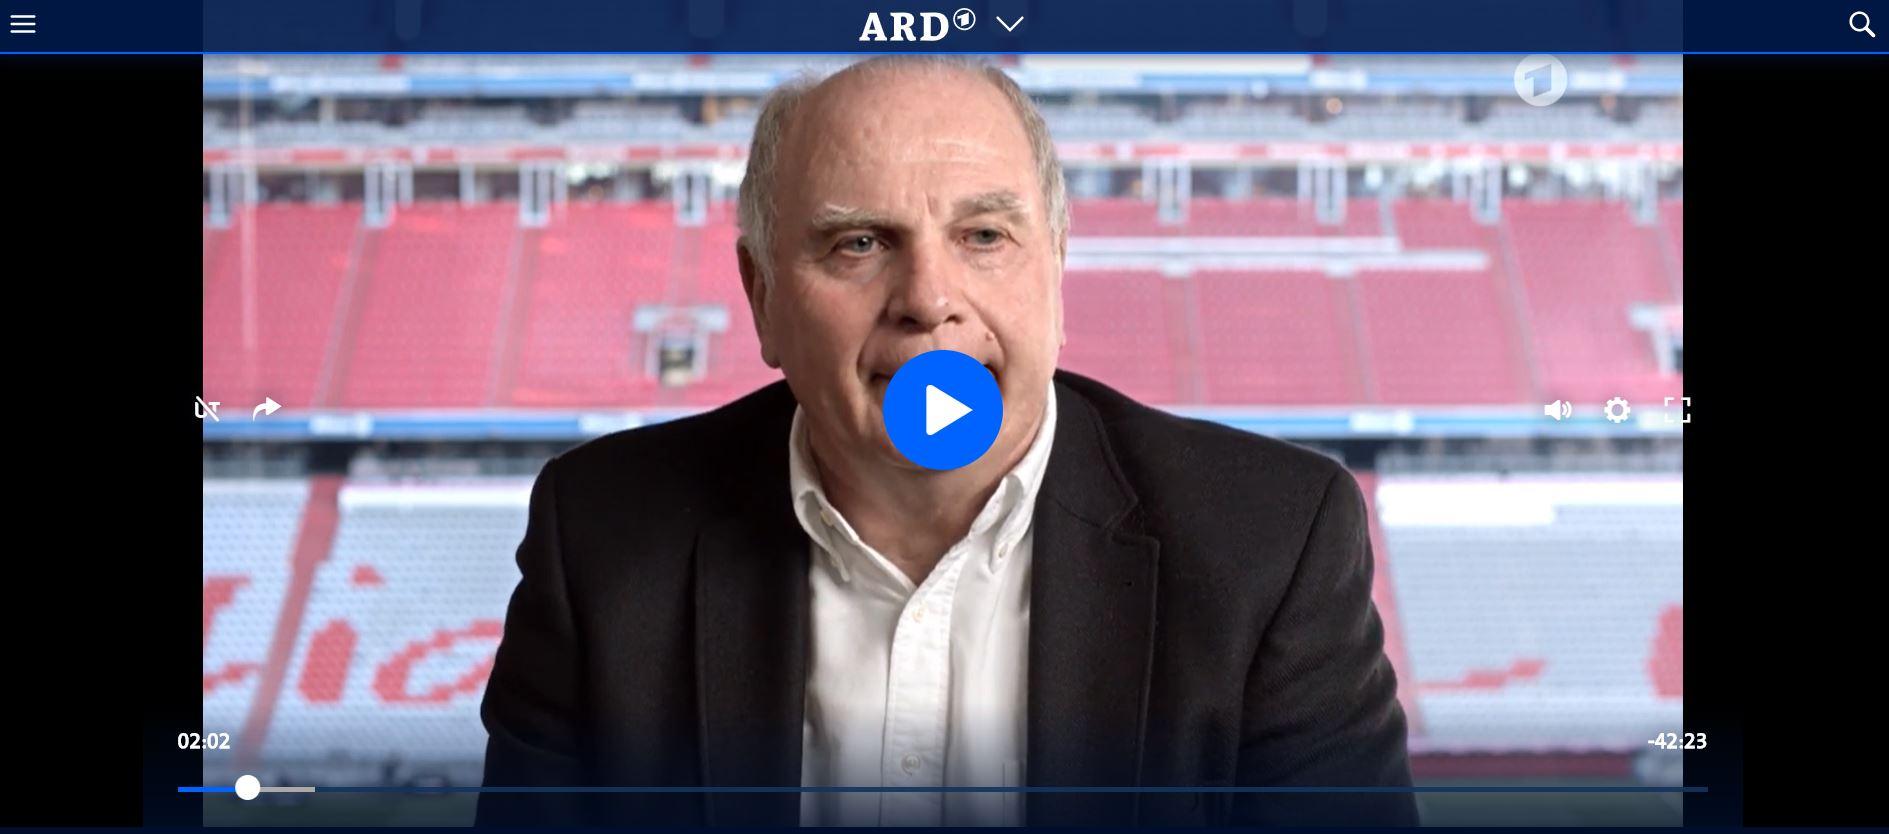 ARD-Doku: Der Bayern-Boss - Schlusspfiff für Uli Hoeneß